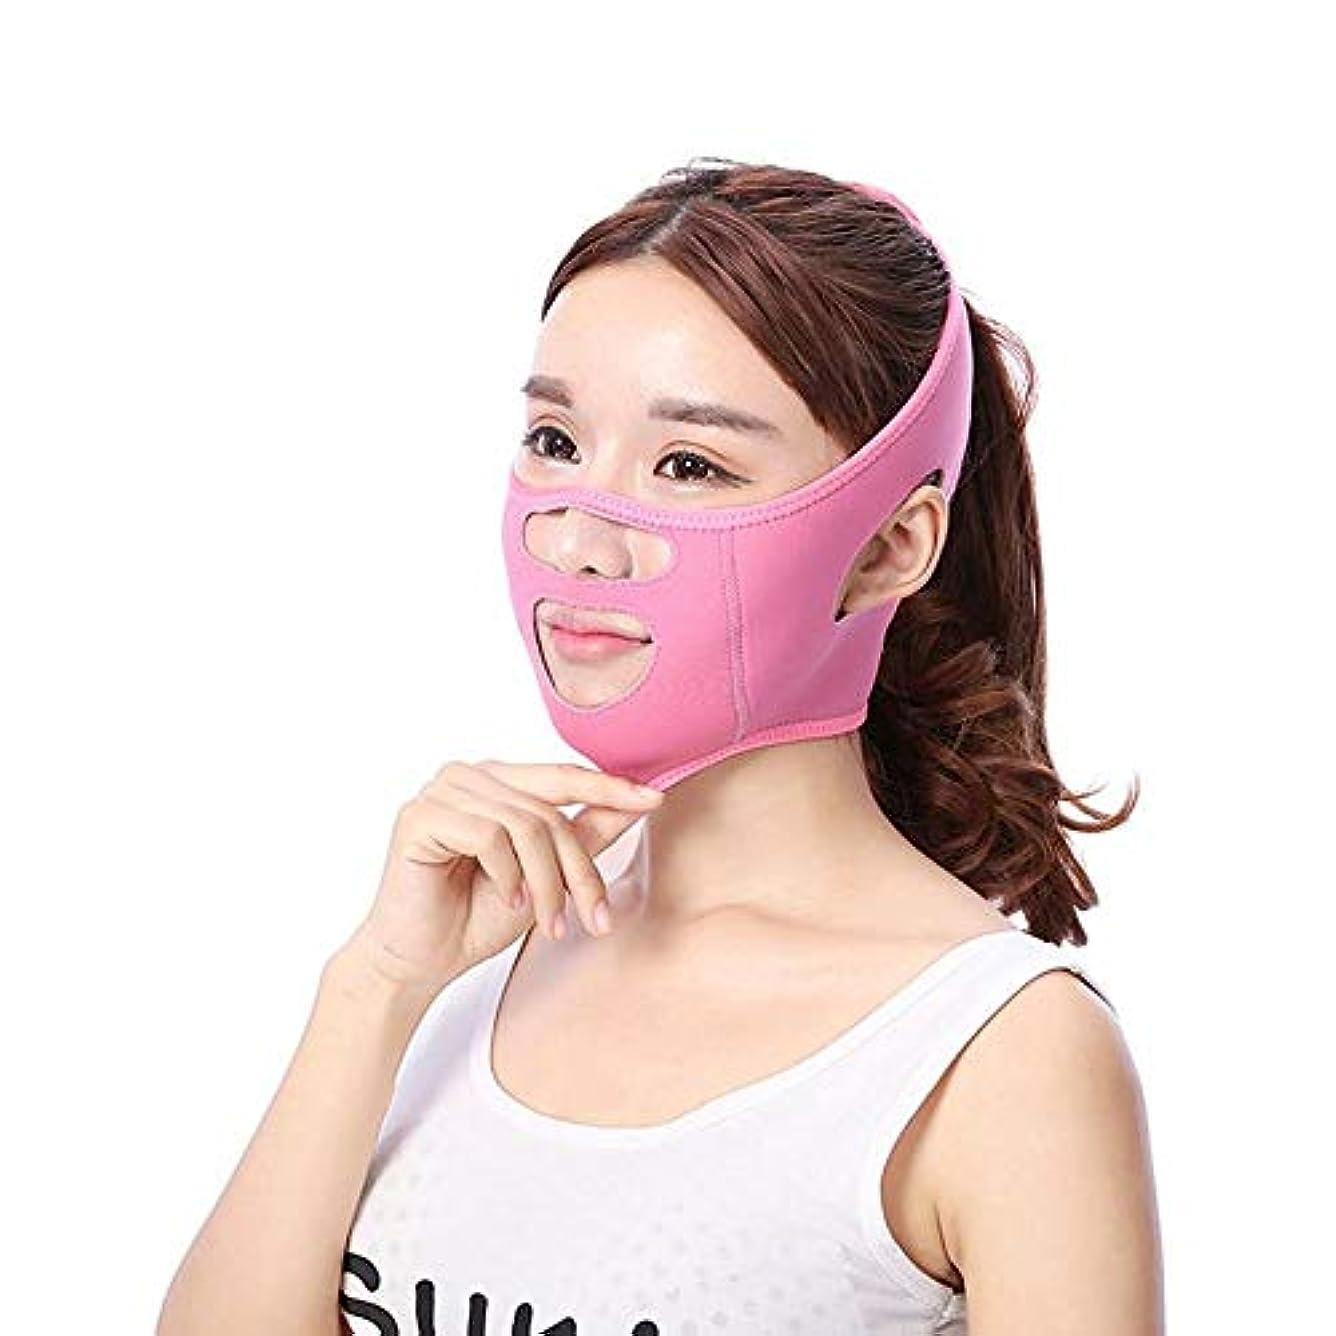 伝染性右開梱Jia Jia- シンフェイスアーティファクトリフティング引き締めフェイス睡眠包帯フェイシャルリフティングアンチ垂れ下がり法律パターンステッカー8ワード口角 - ピンク 顔面包帯